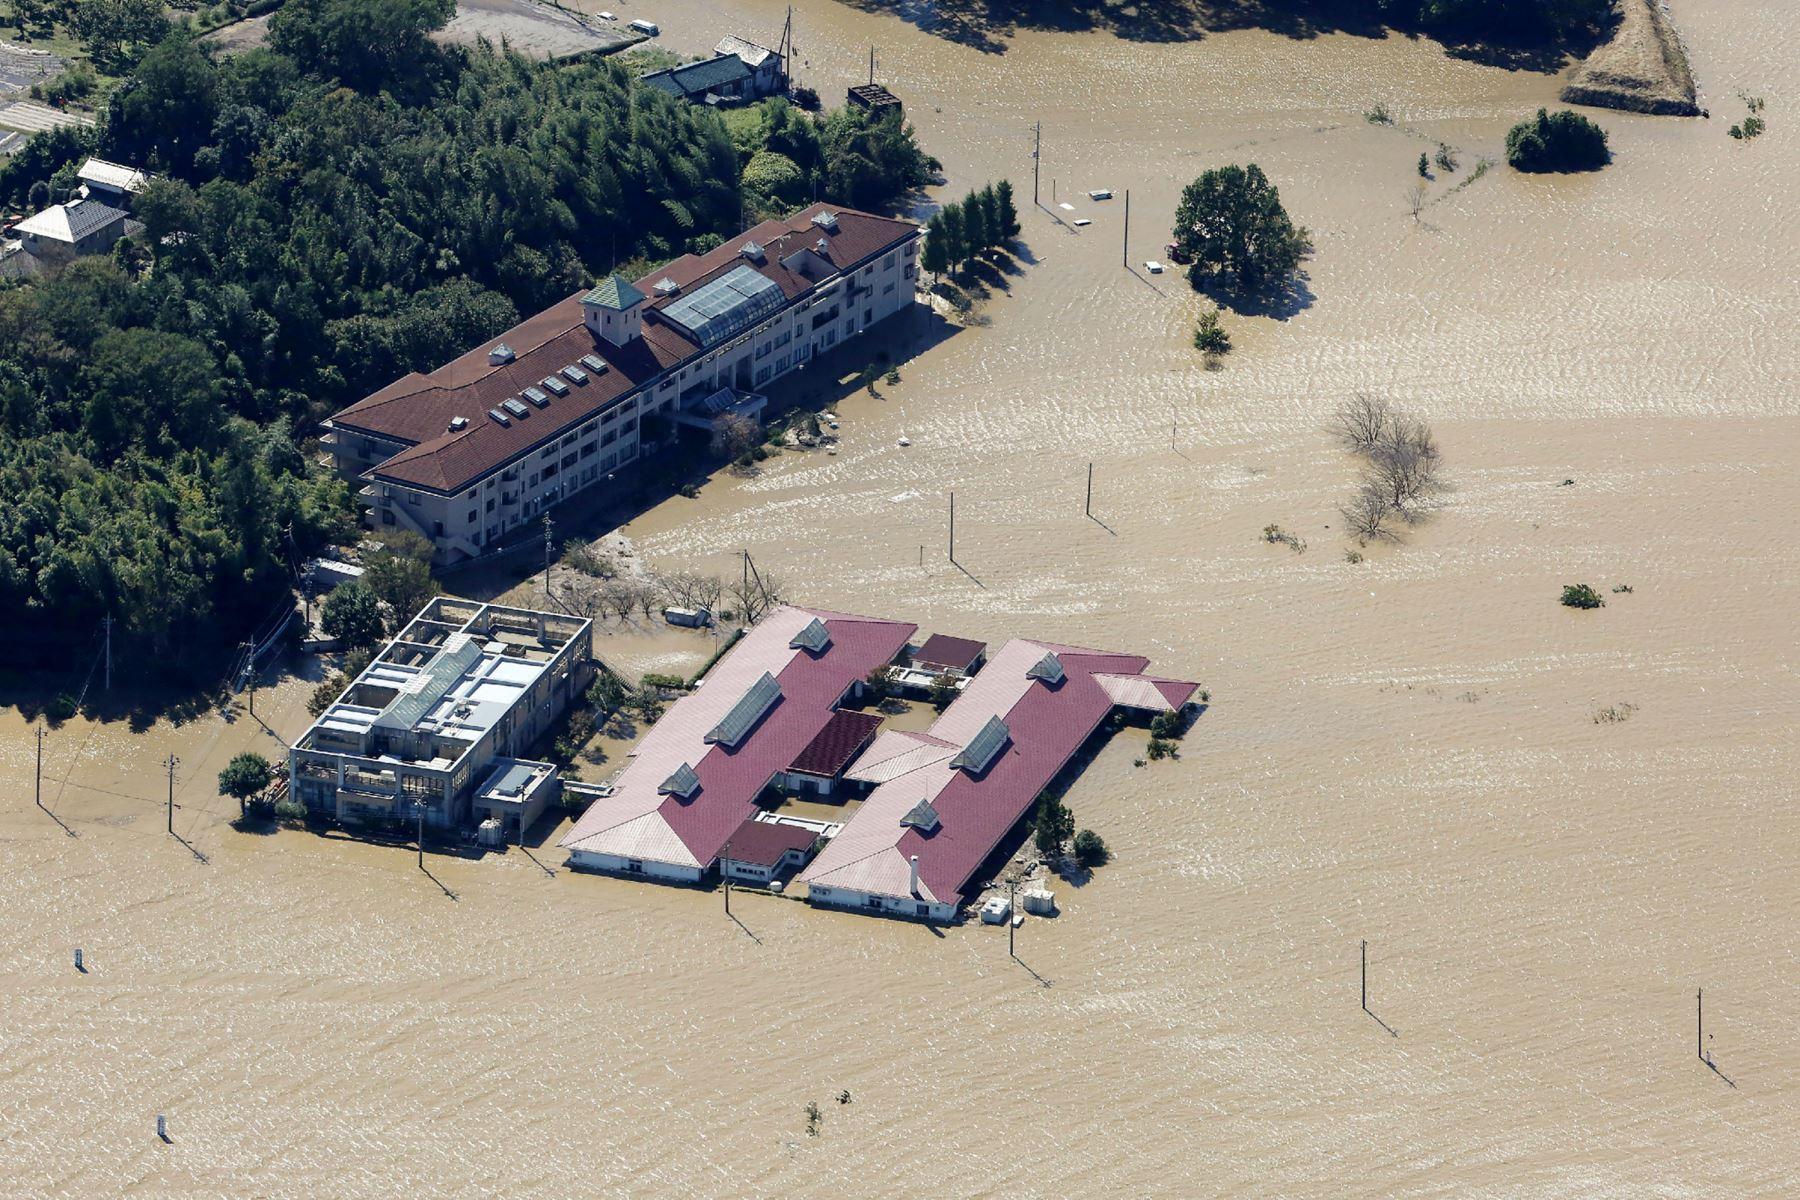 Vista aérea muestra casas inundadas junto a la orilla  del río Chikuma en Nagano, un día después de que el tifón Hagibis barriera el centro y este de Japón. Foto: AFP